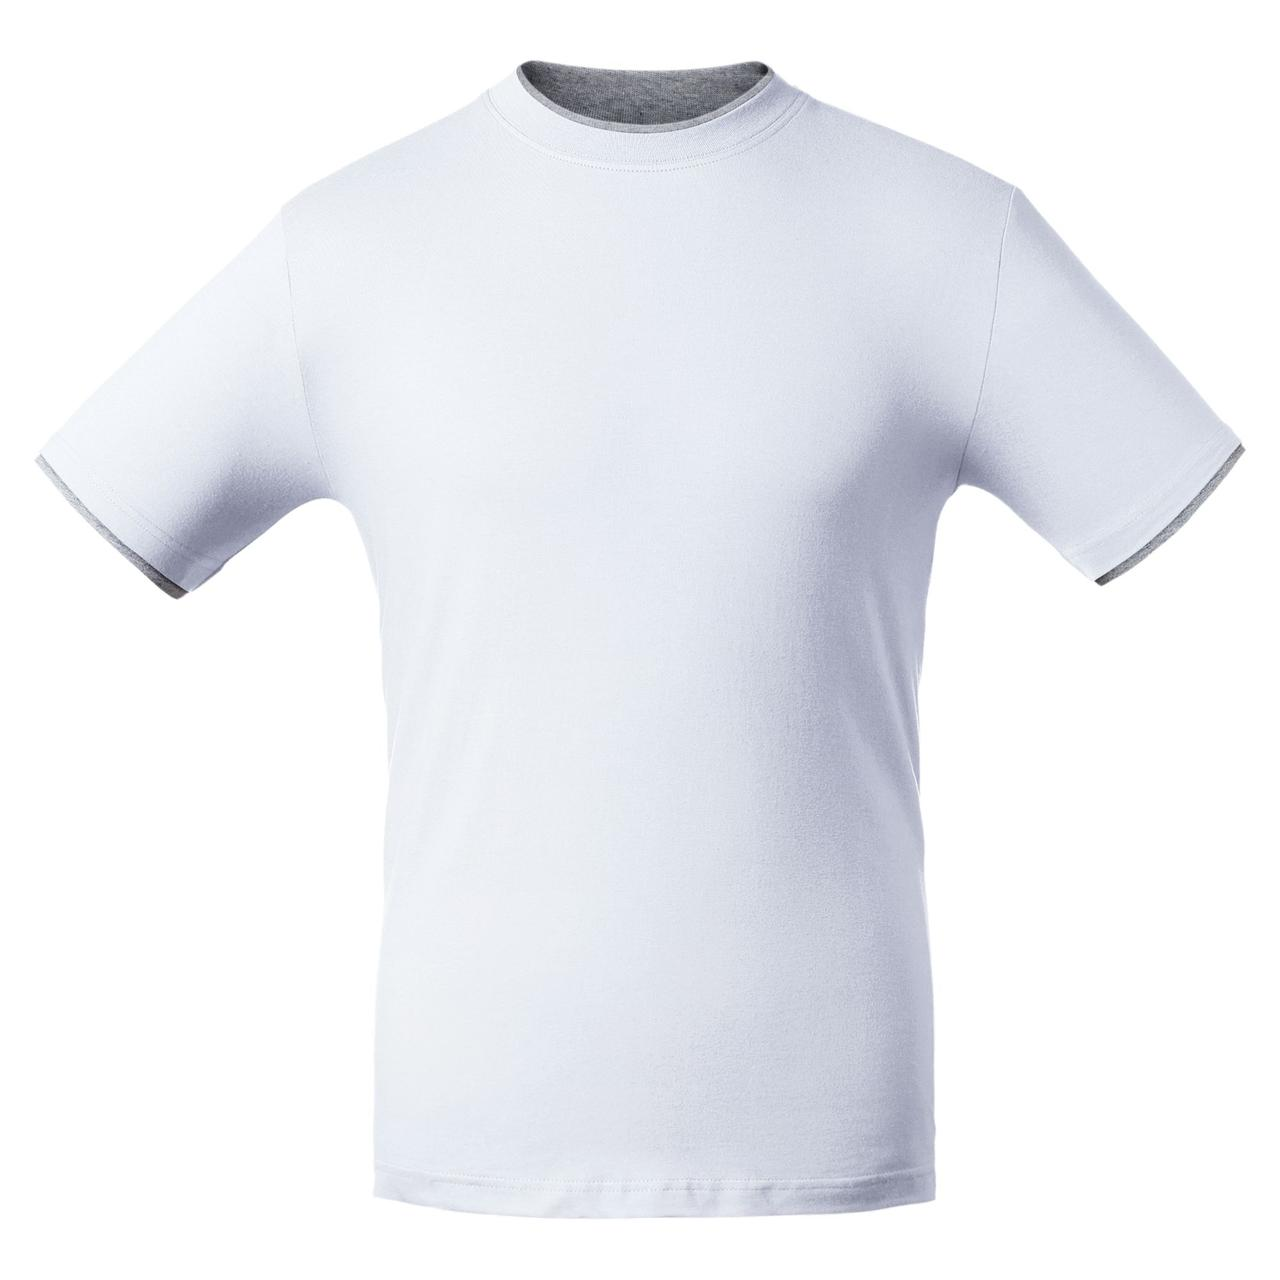 Футболка T-bolka Accent, белая (артикул 1339.60)